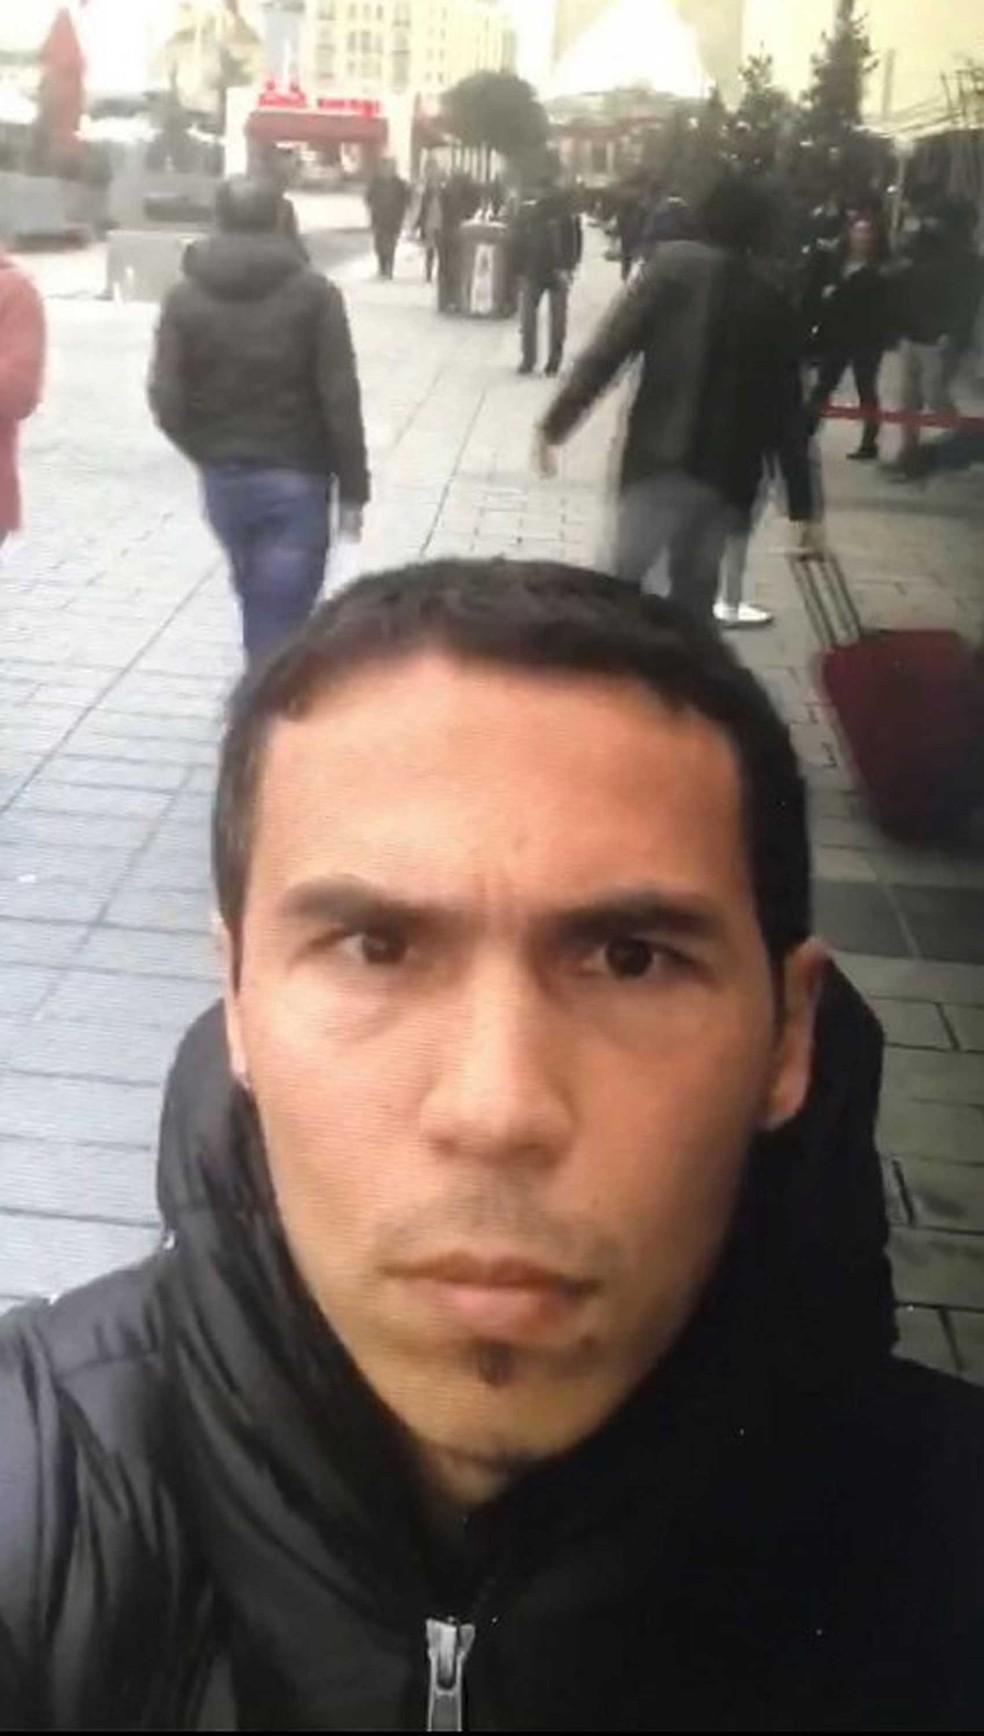 Polícia turca divulgou a foto do principal suspeito de ter atacado a boate Reina, em Istambul, na madrugada de domingo (1º).  (Foto: Dogan News Agency / AFP)